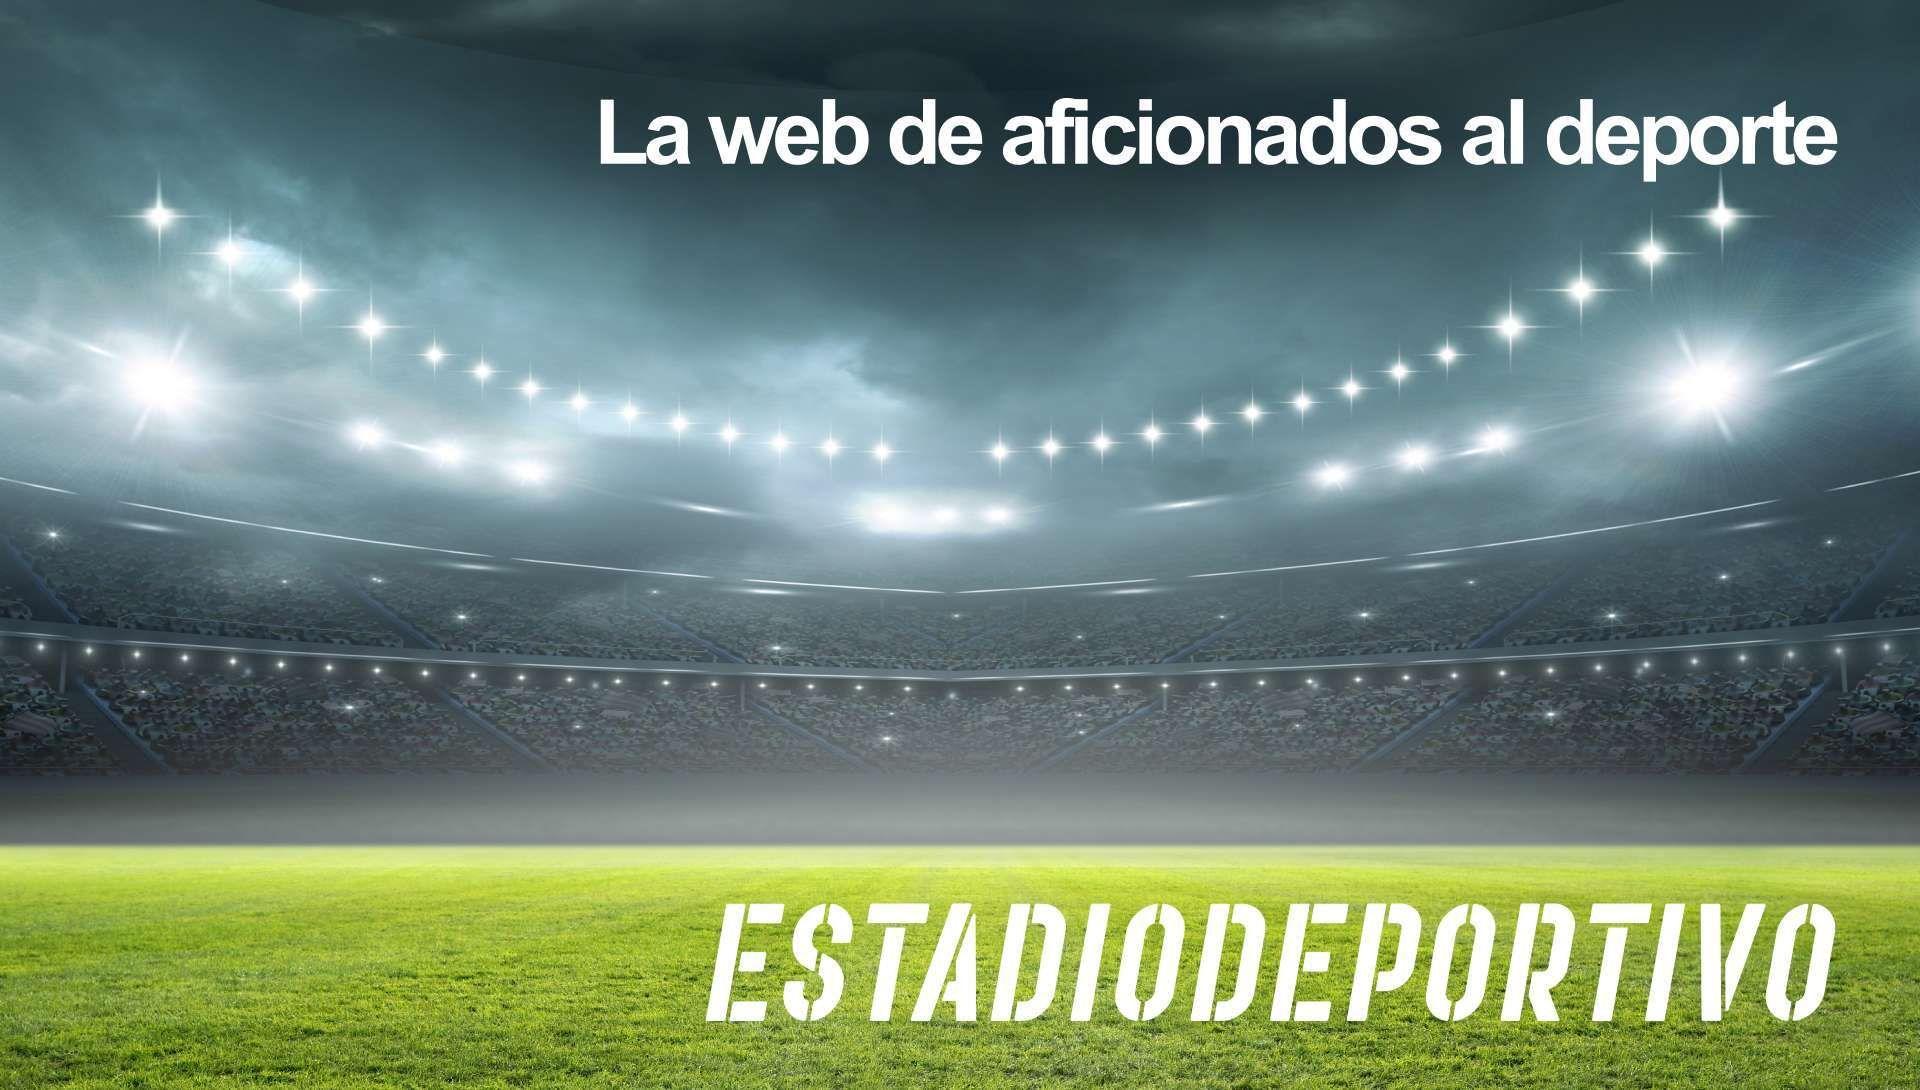 Las portadas del viernes 2 de octubre